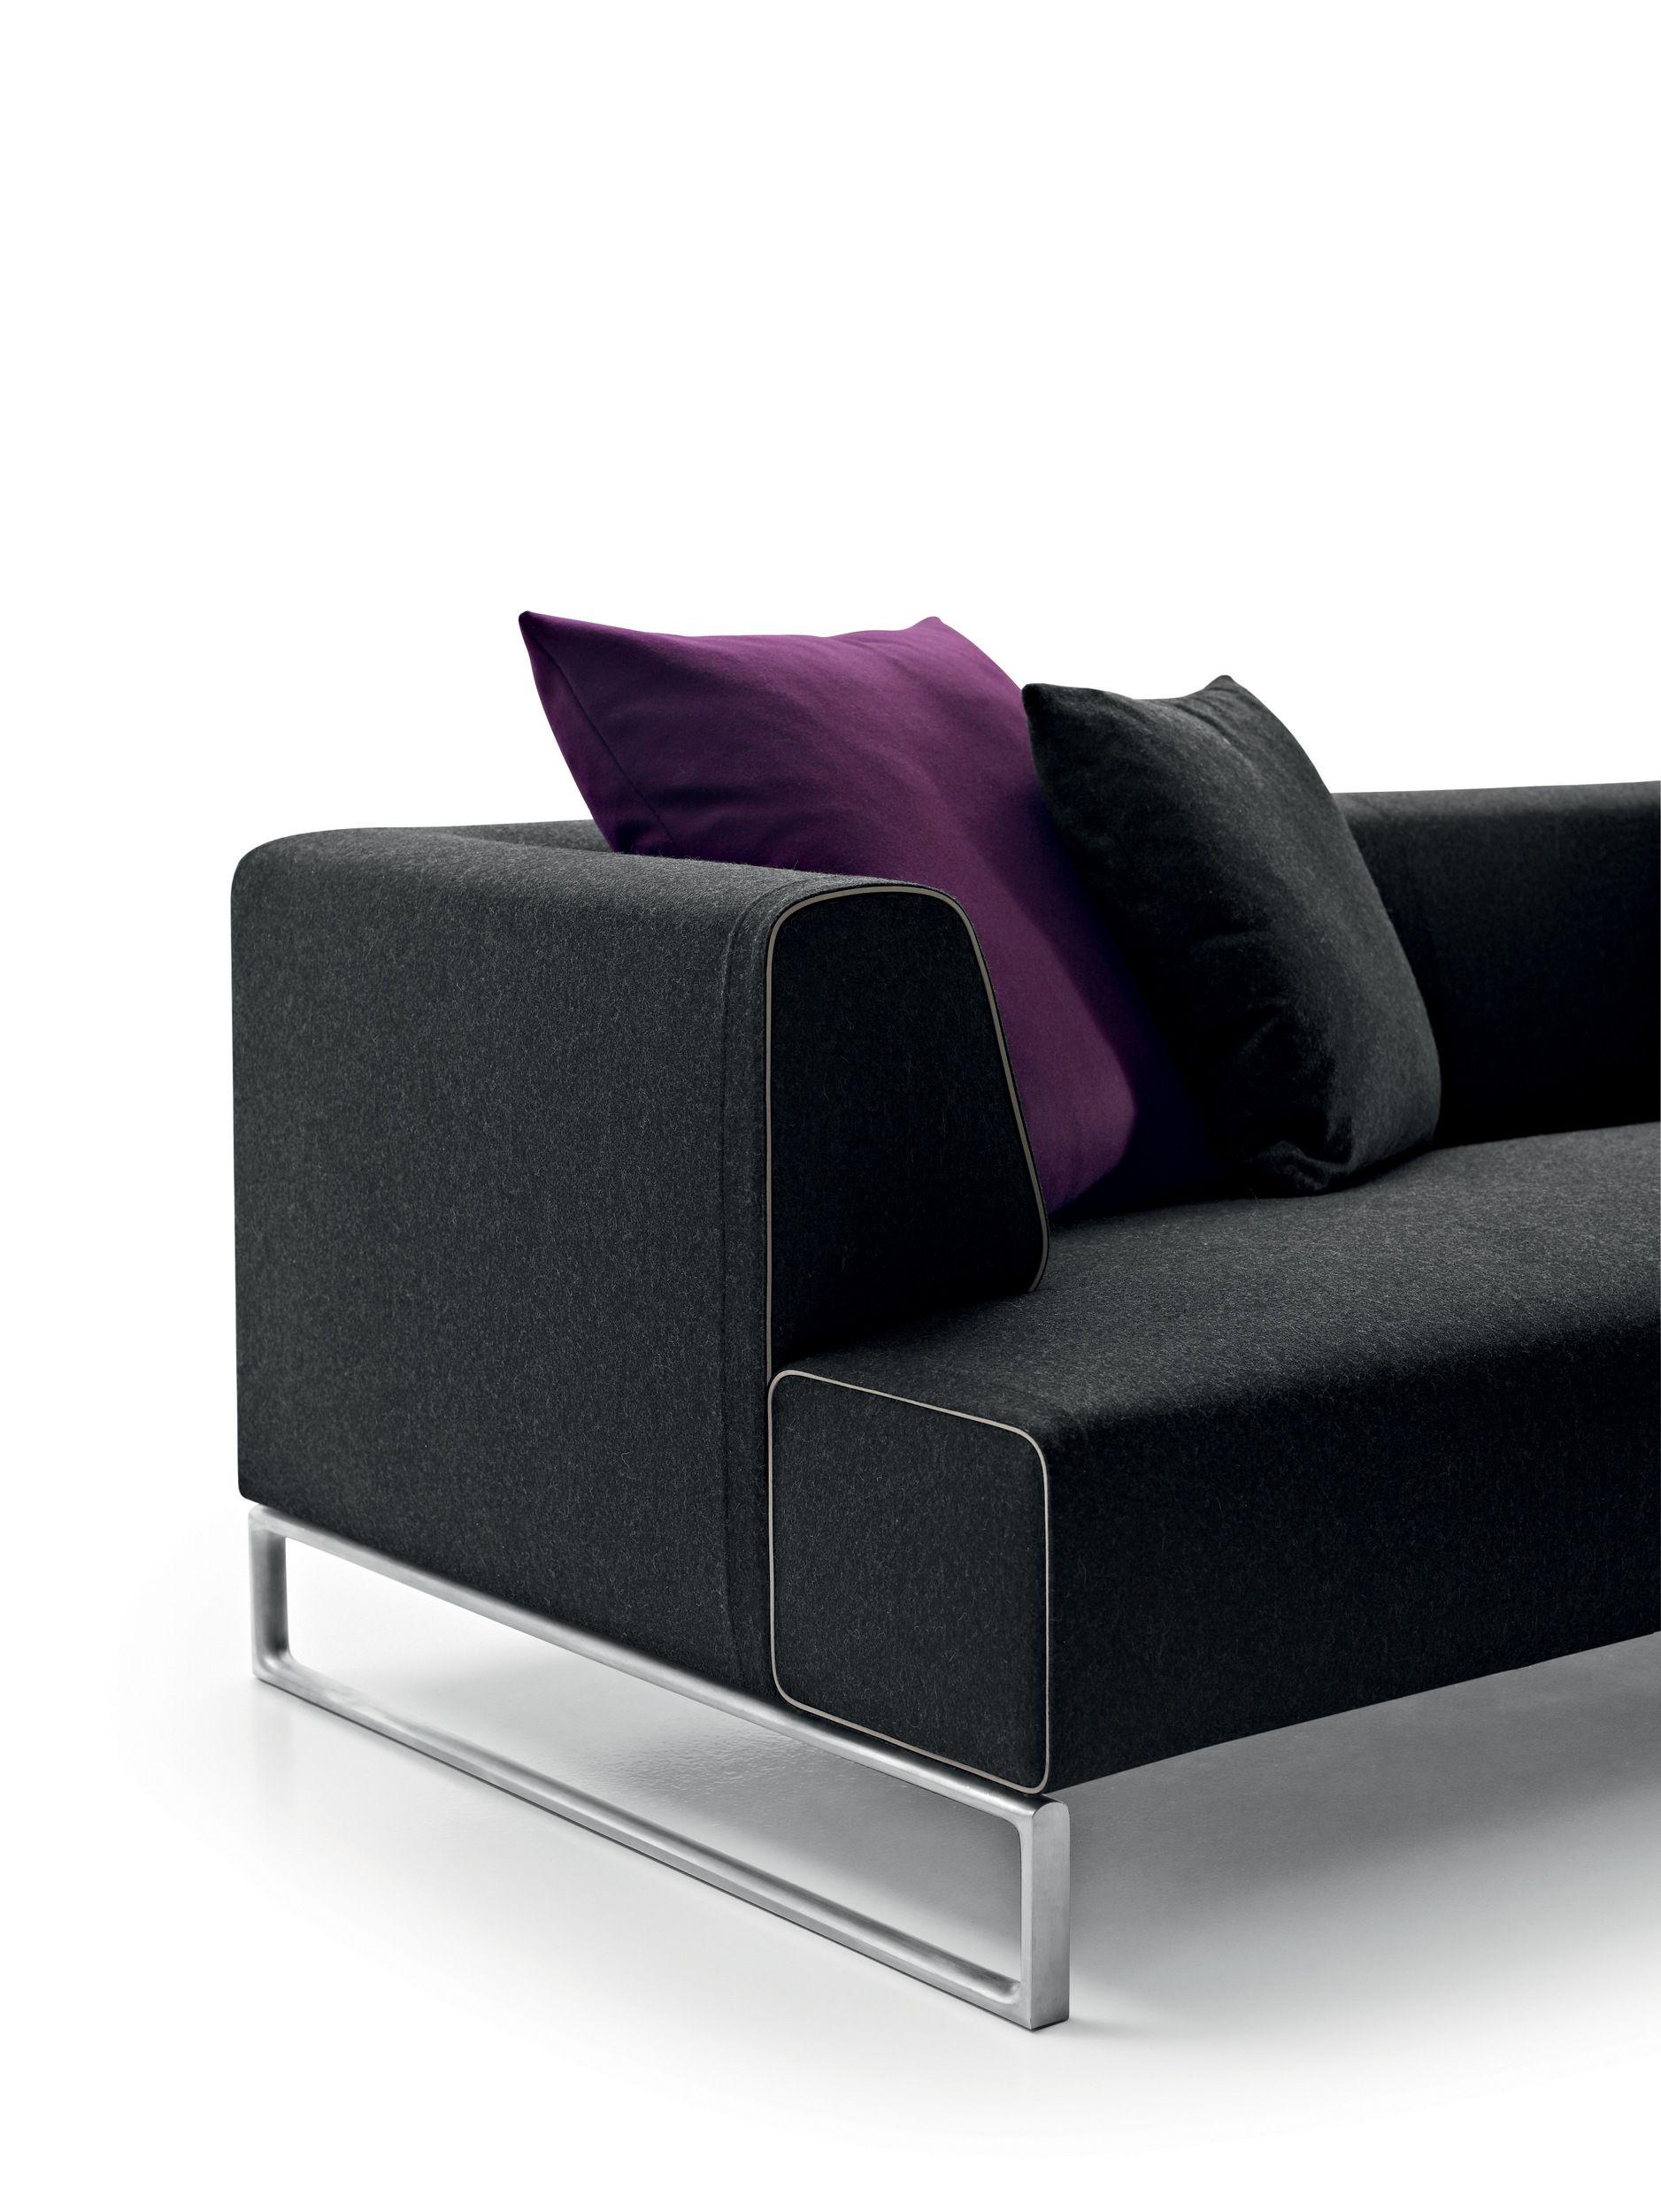 solo 39 14 divano by b b italia design antonio citterio. Black Bedroom Furniture Sets. Home Design Ideas